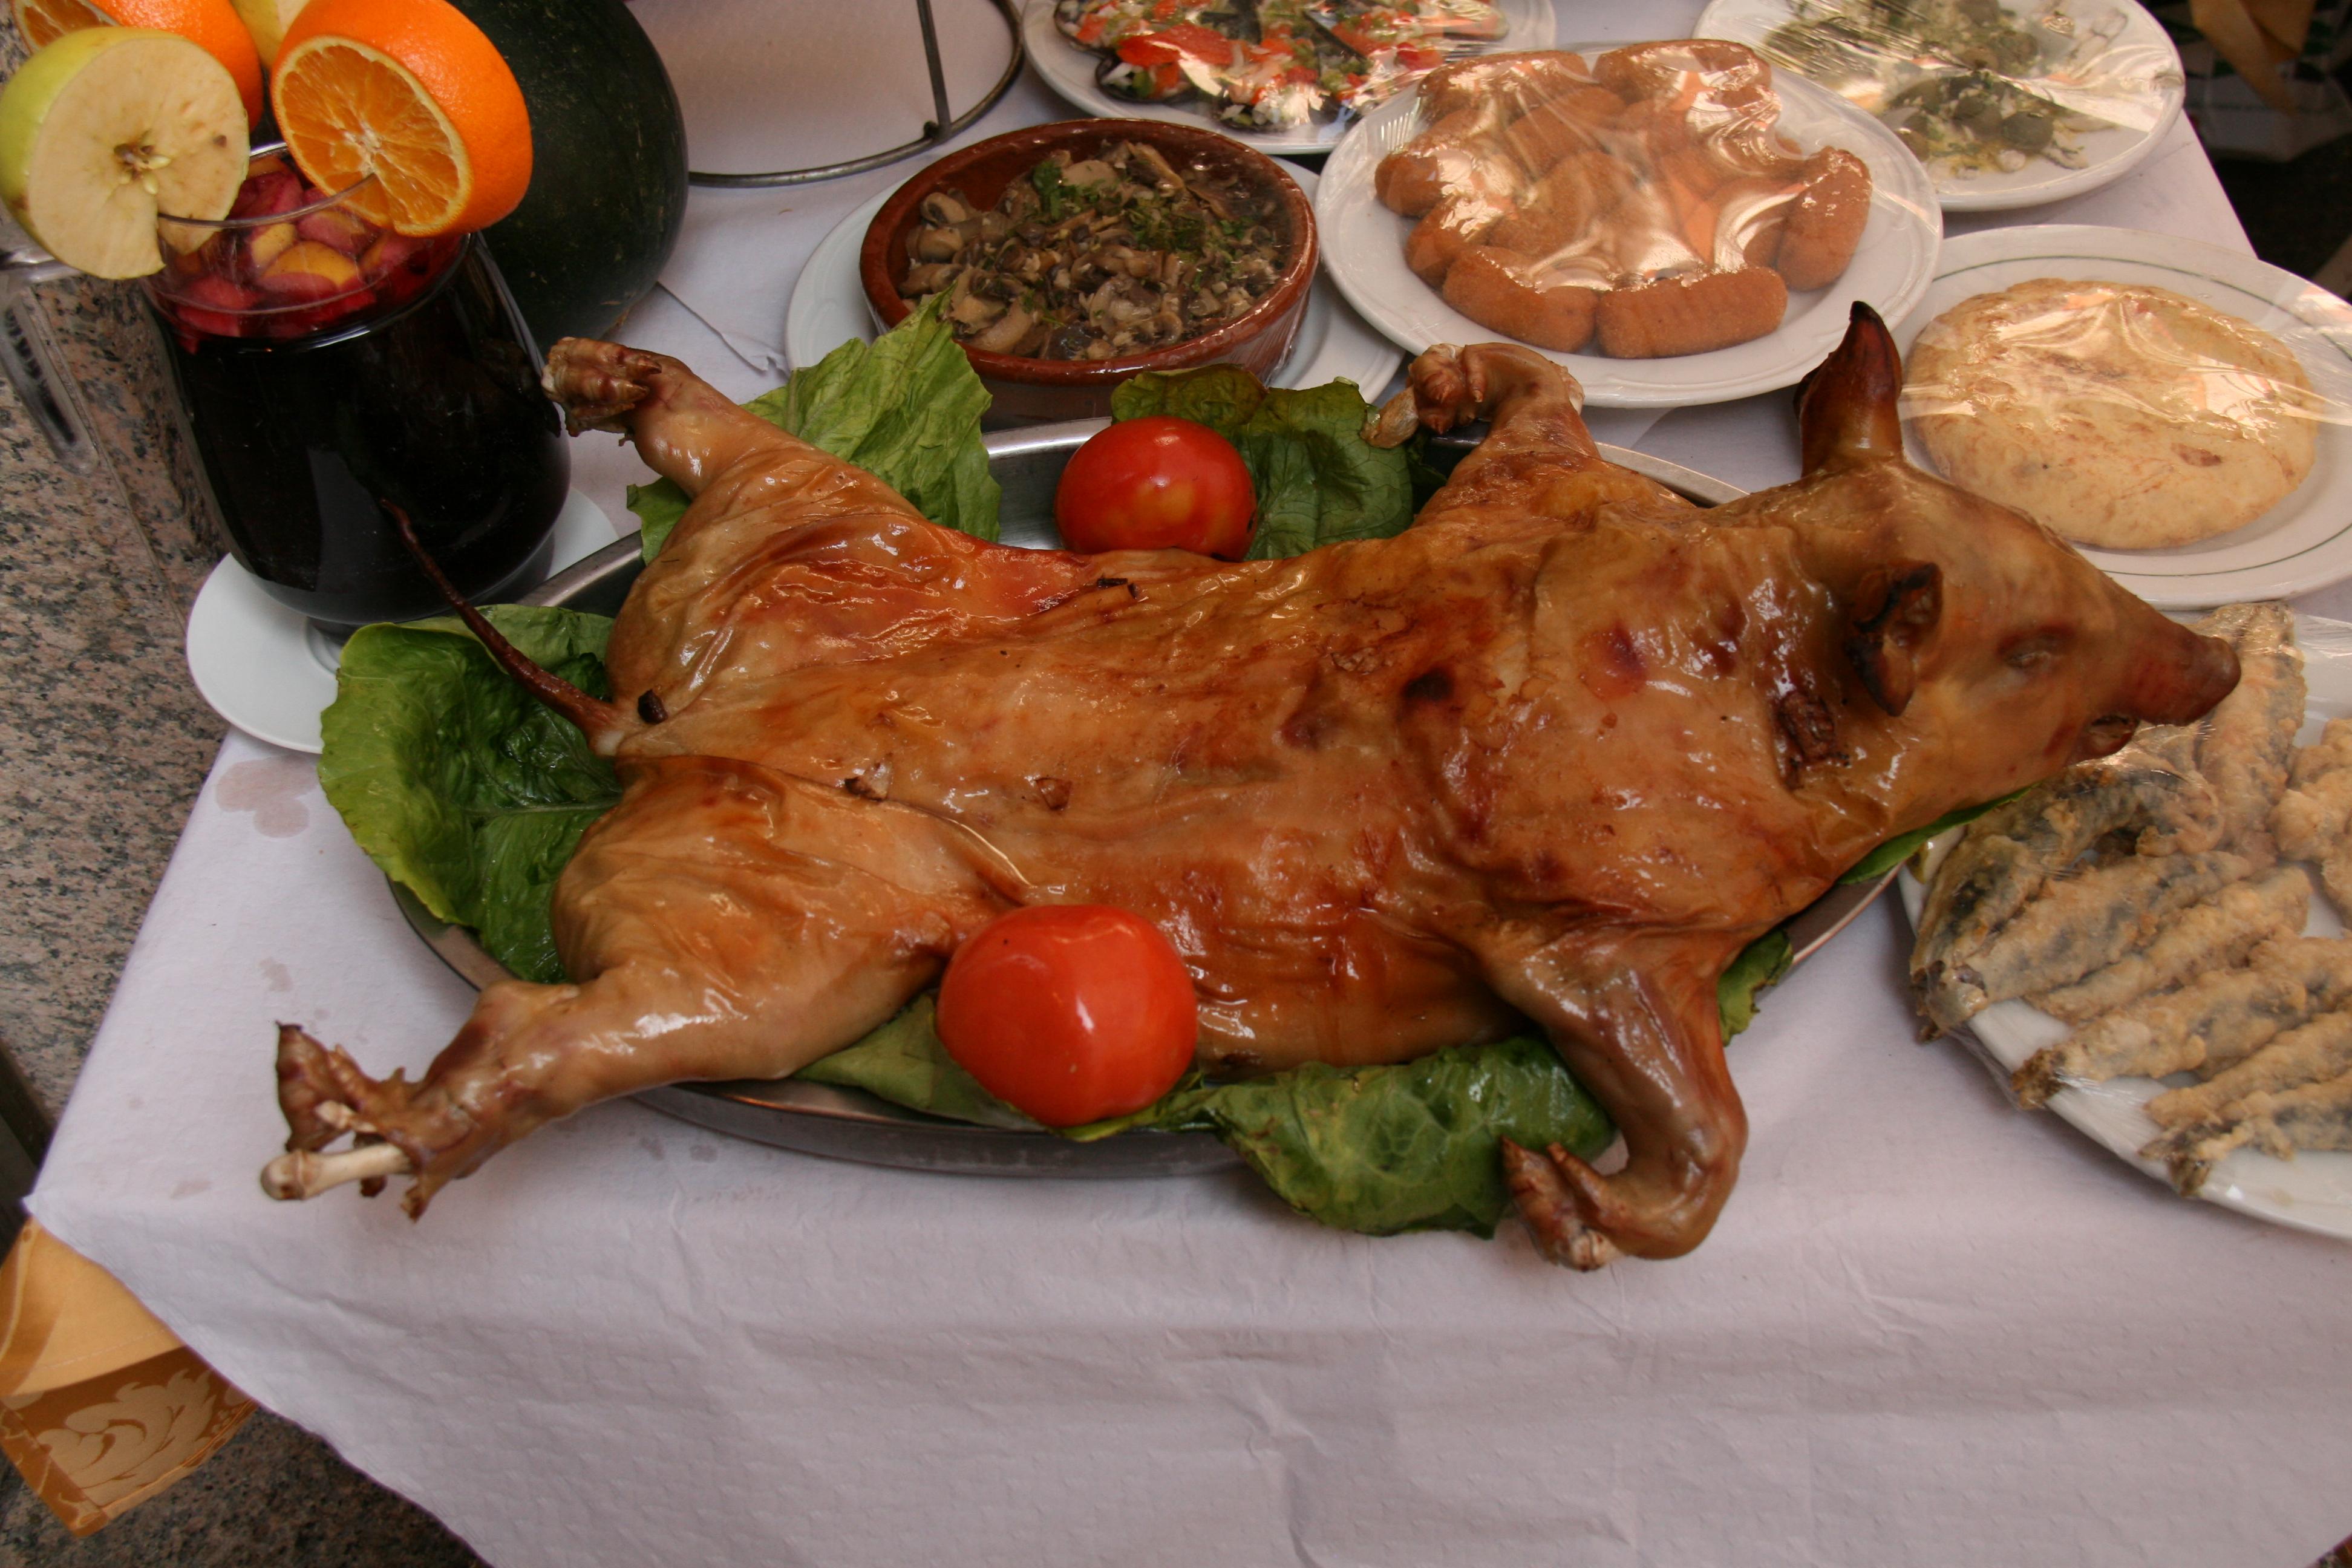 В сотню наиболее известных блюд мира вошли три испанских